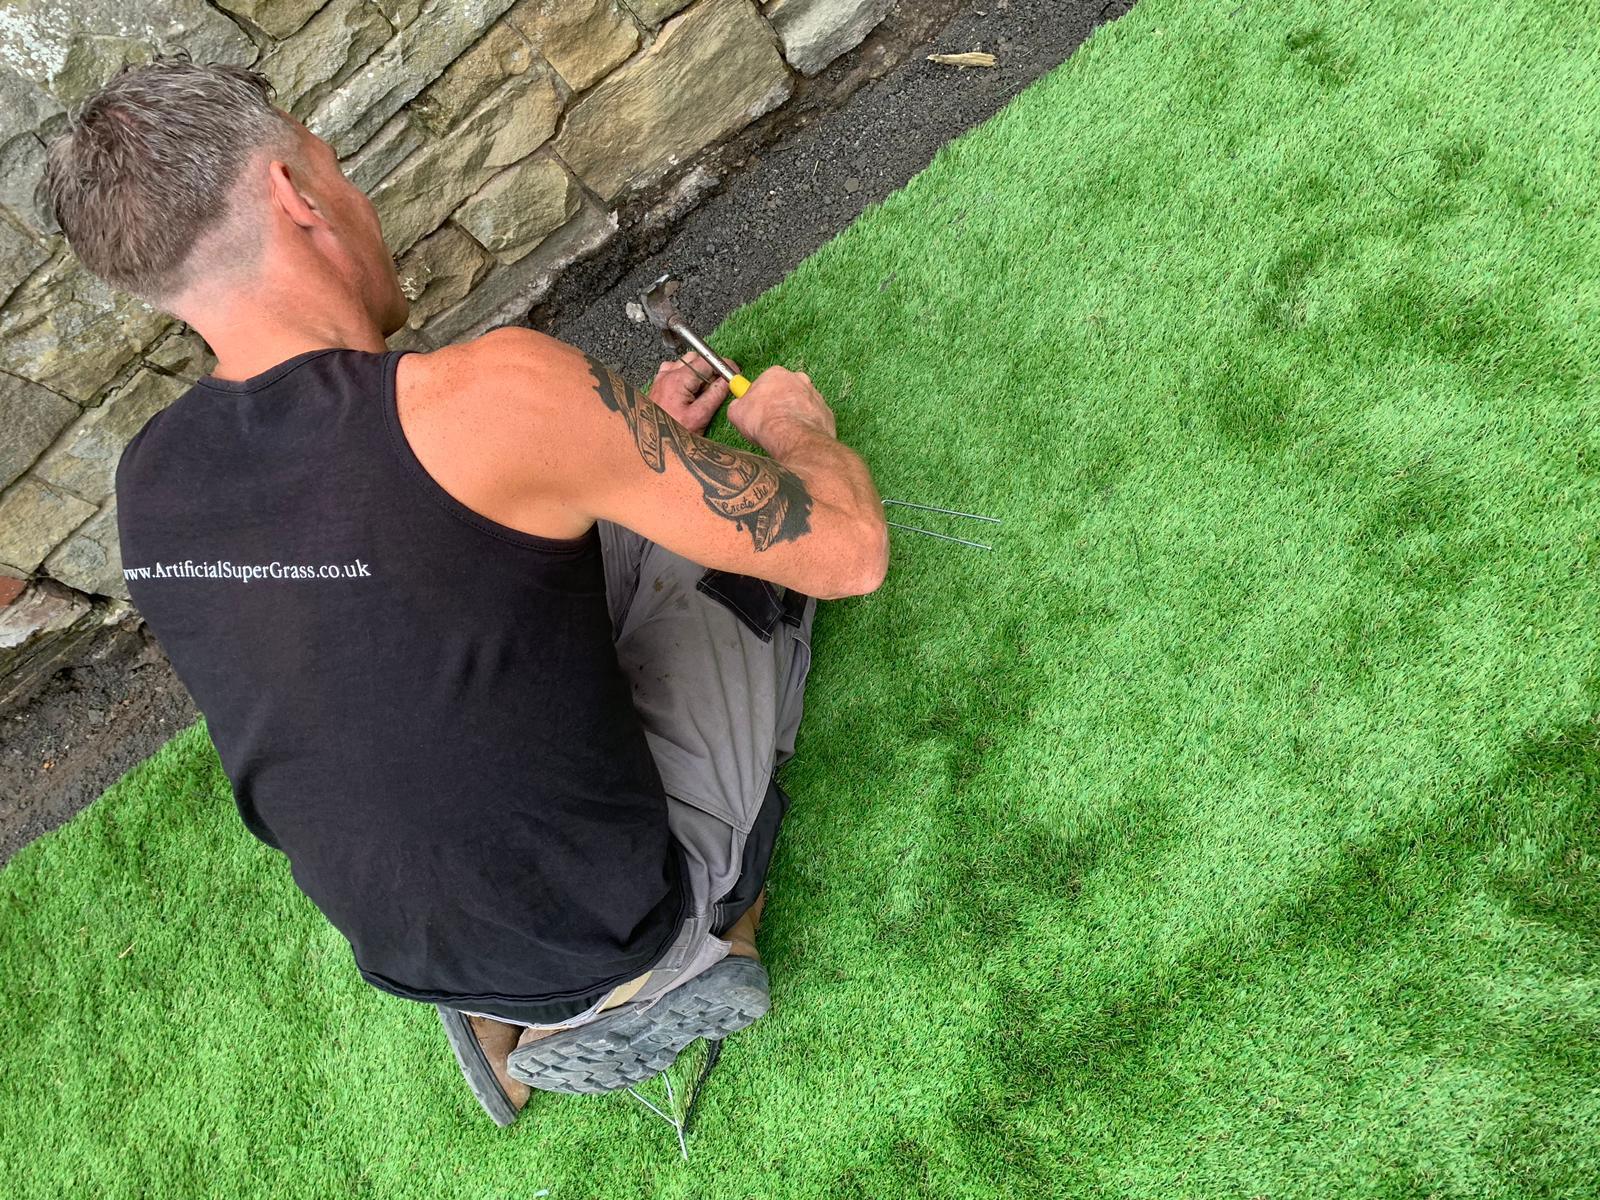 Artificial Grass Thame Artificial Super Grass